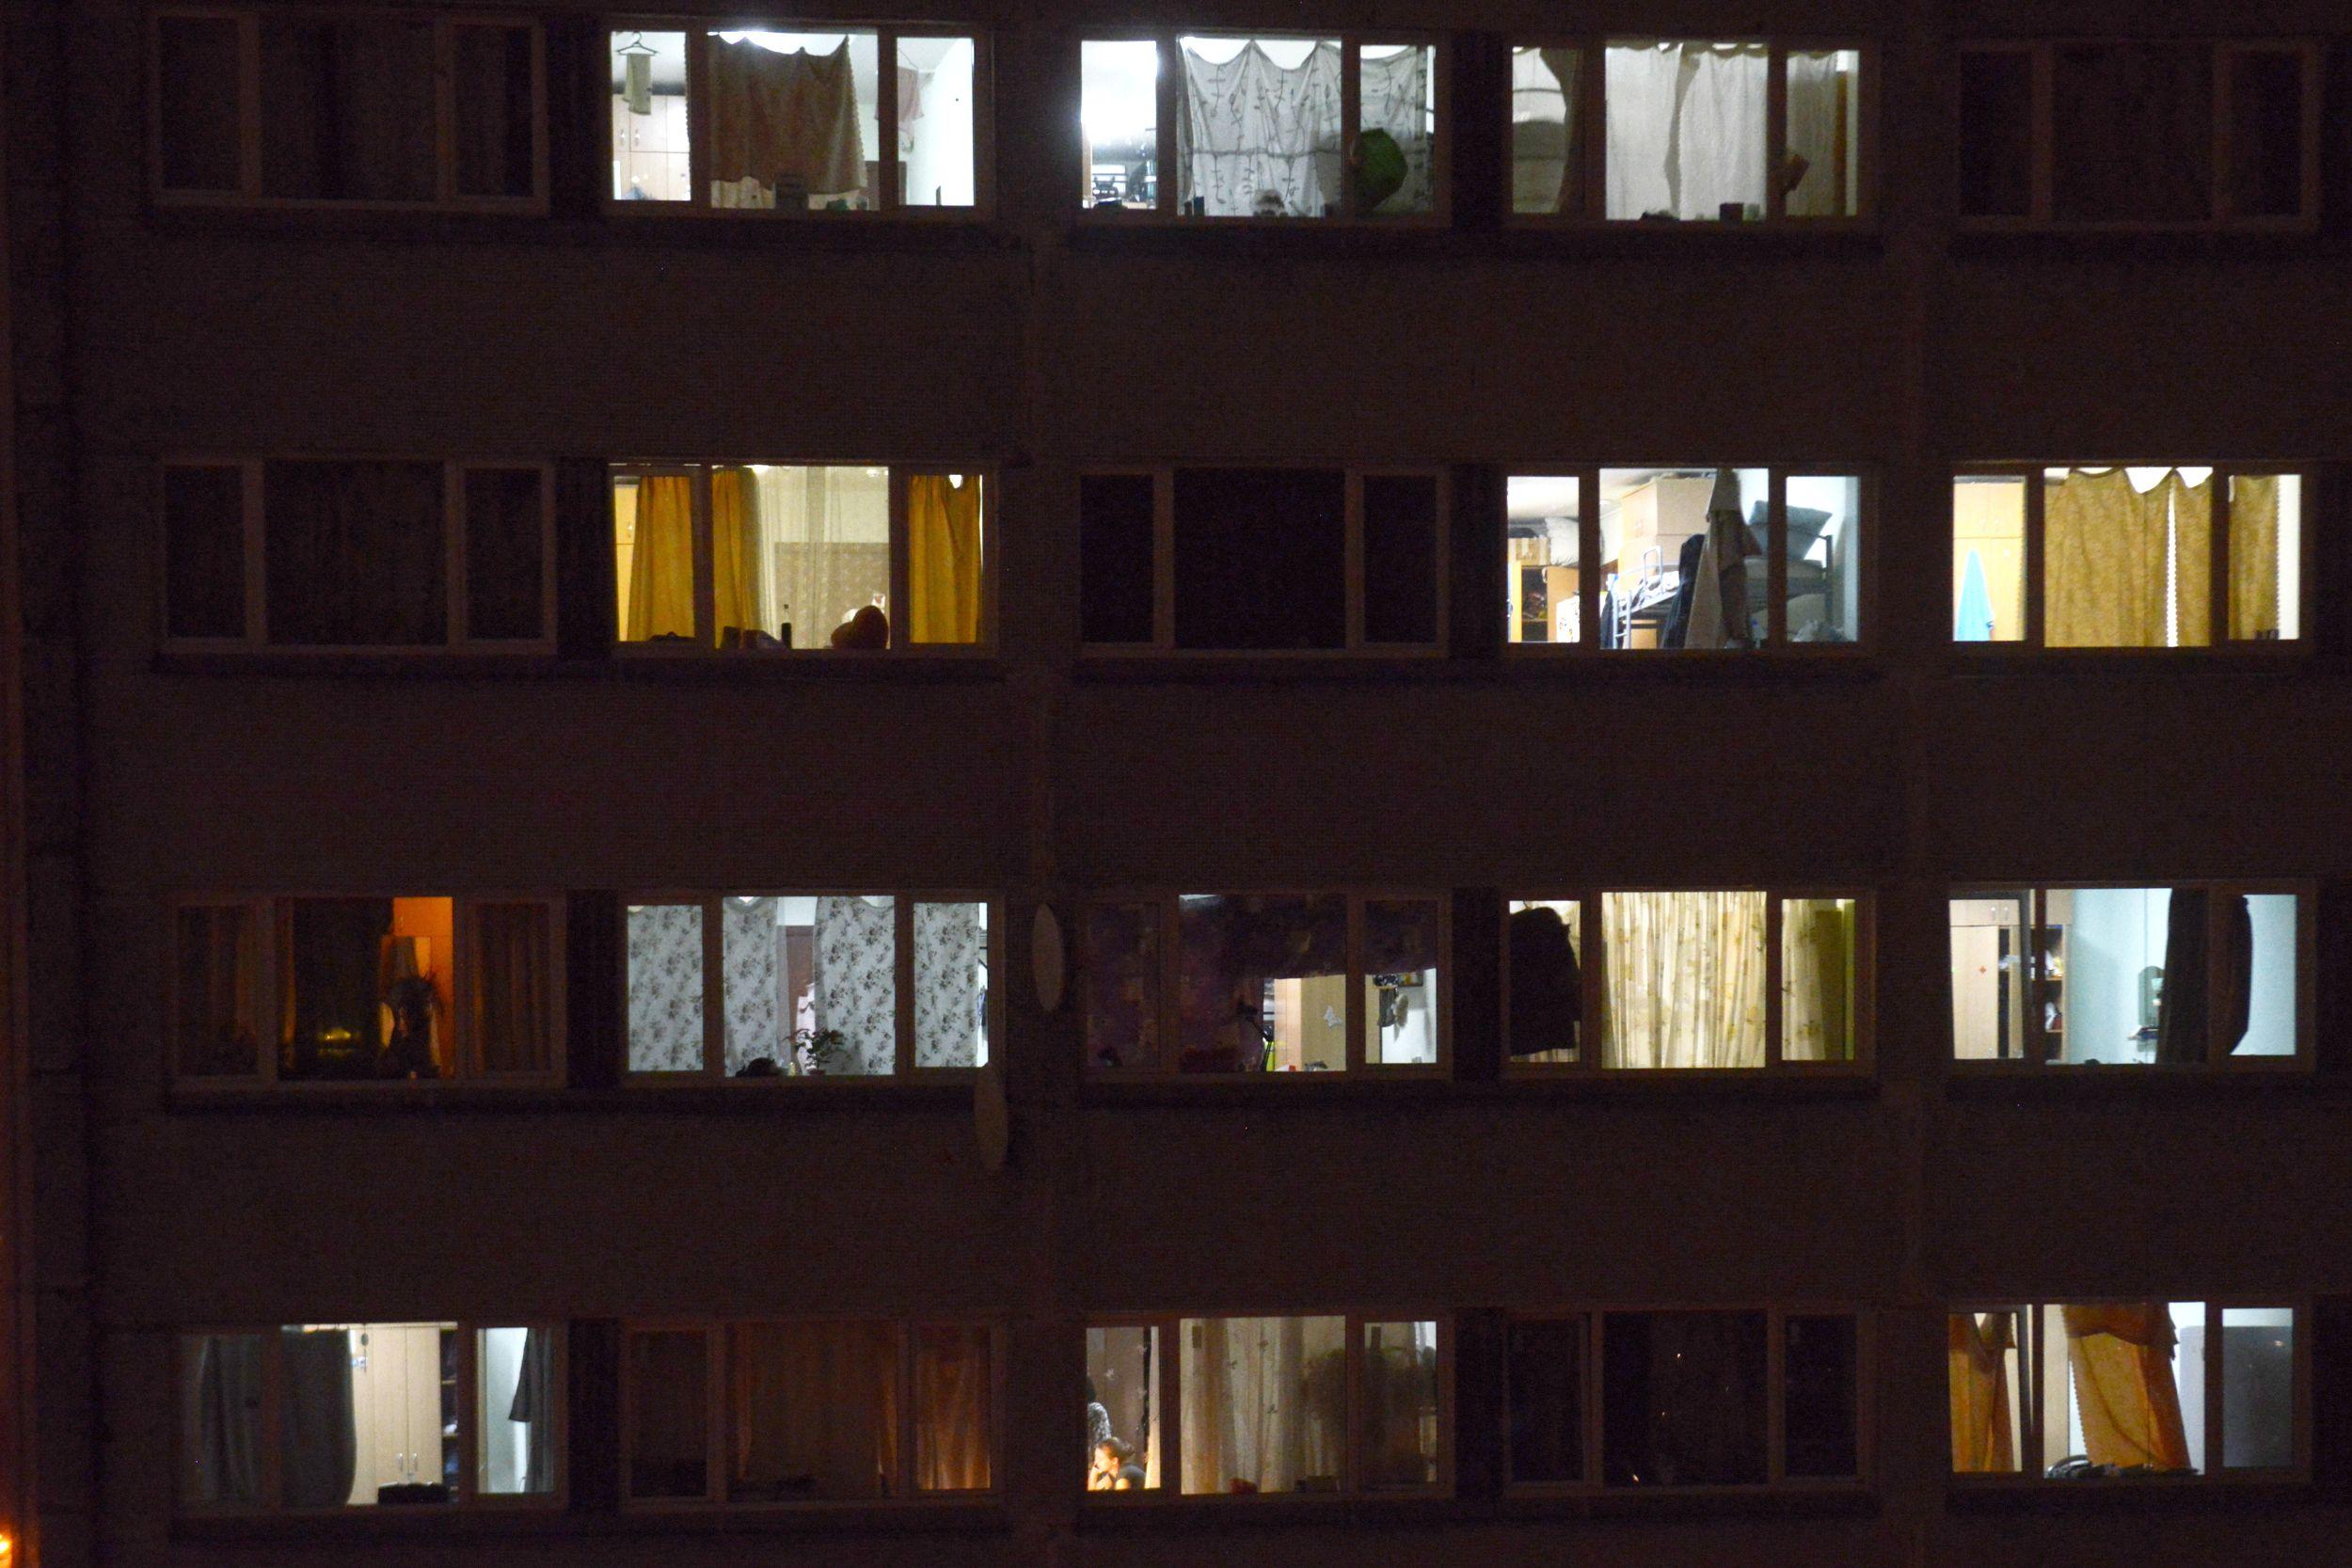 Новые общежития появились в школе-пансионе «Летово» в Новой Москве